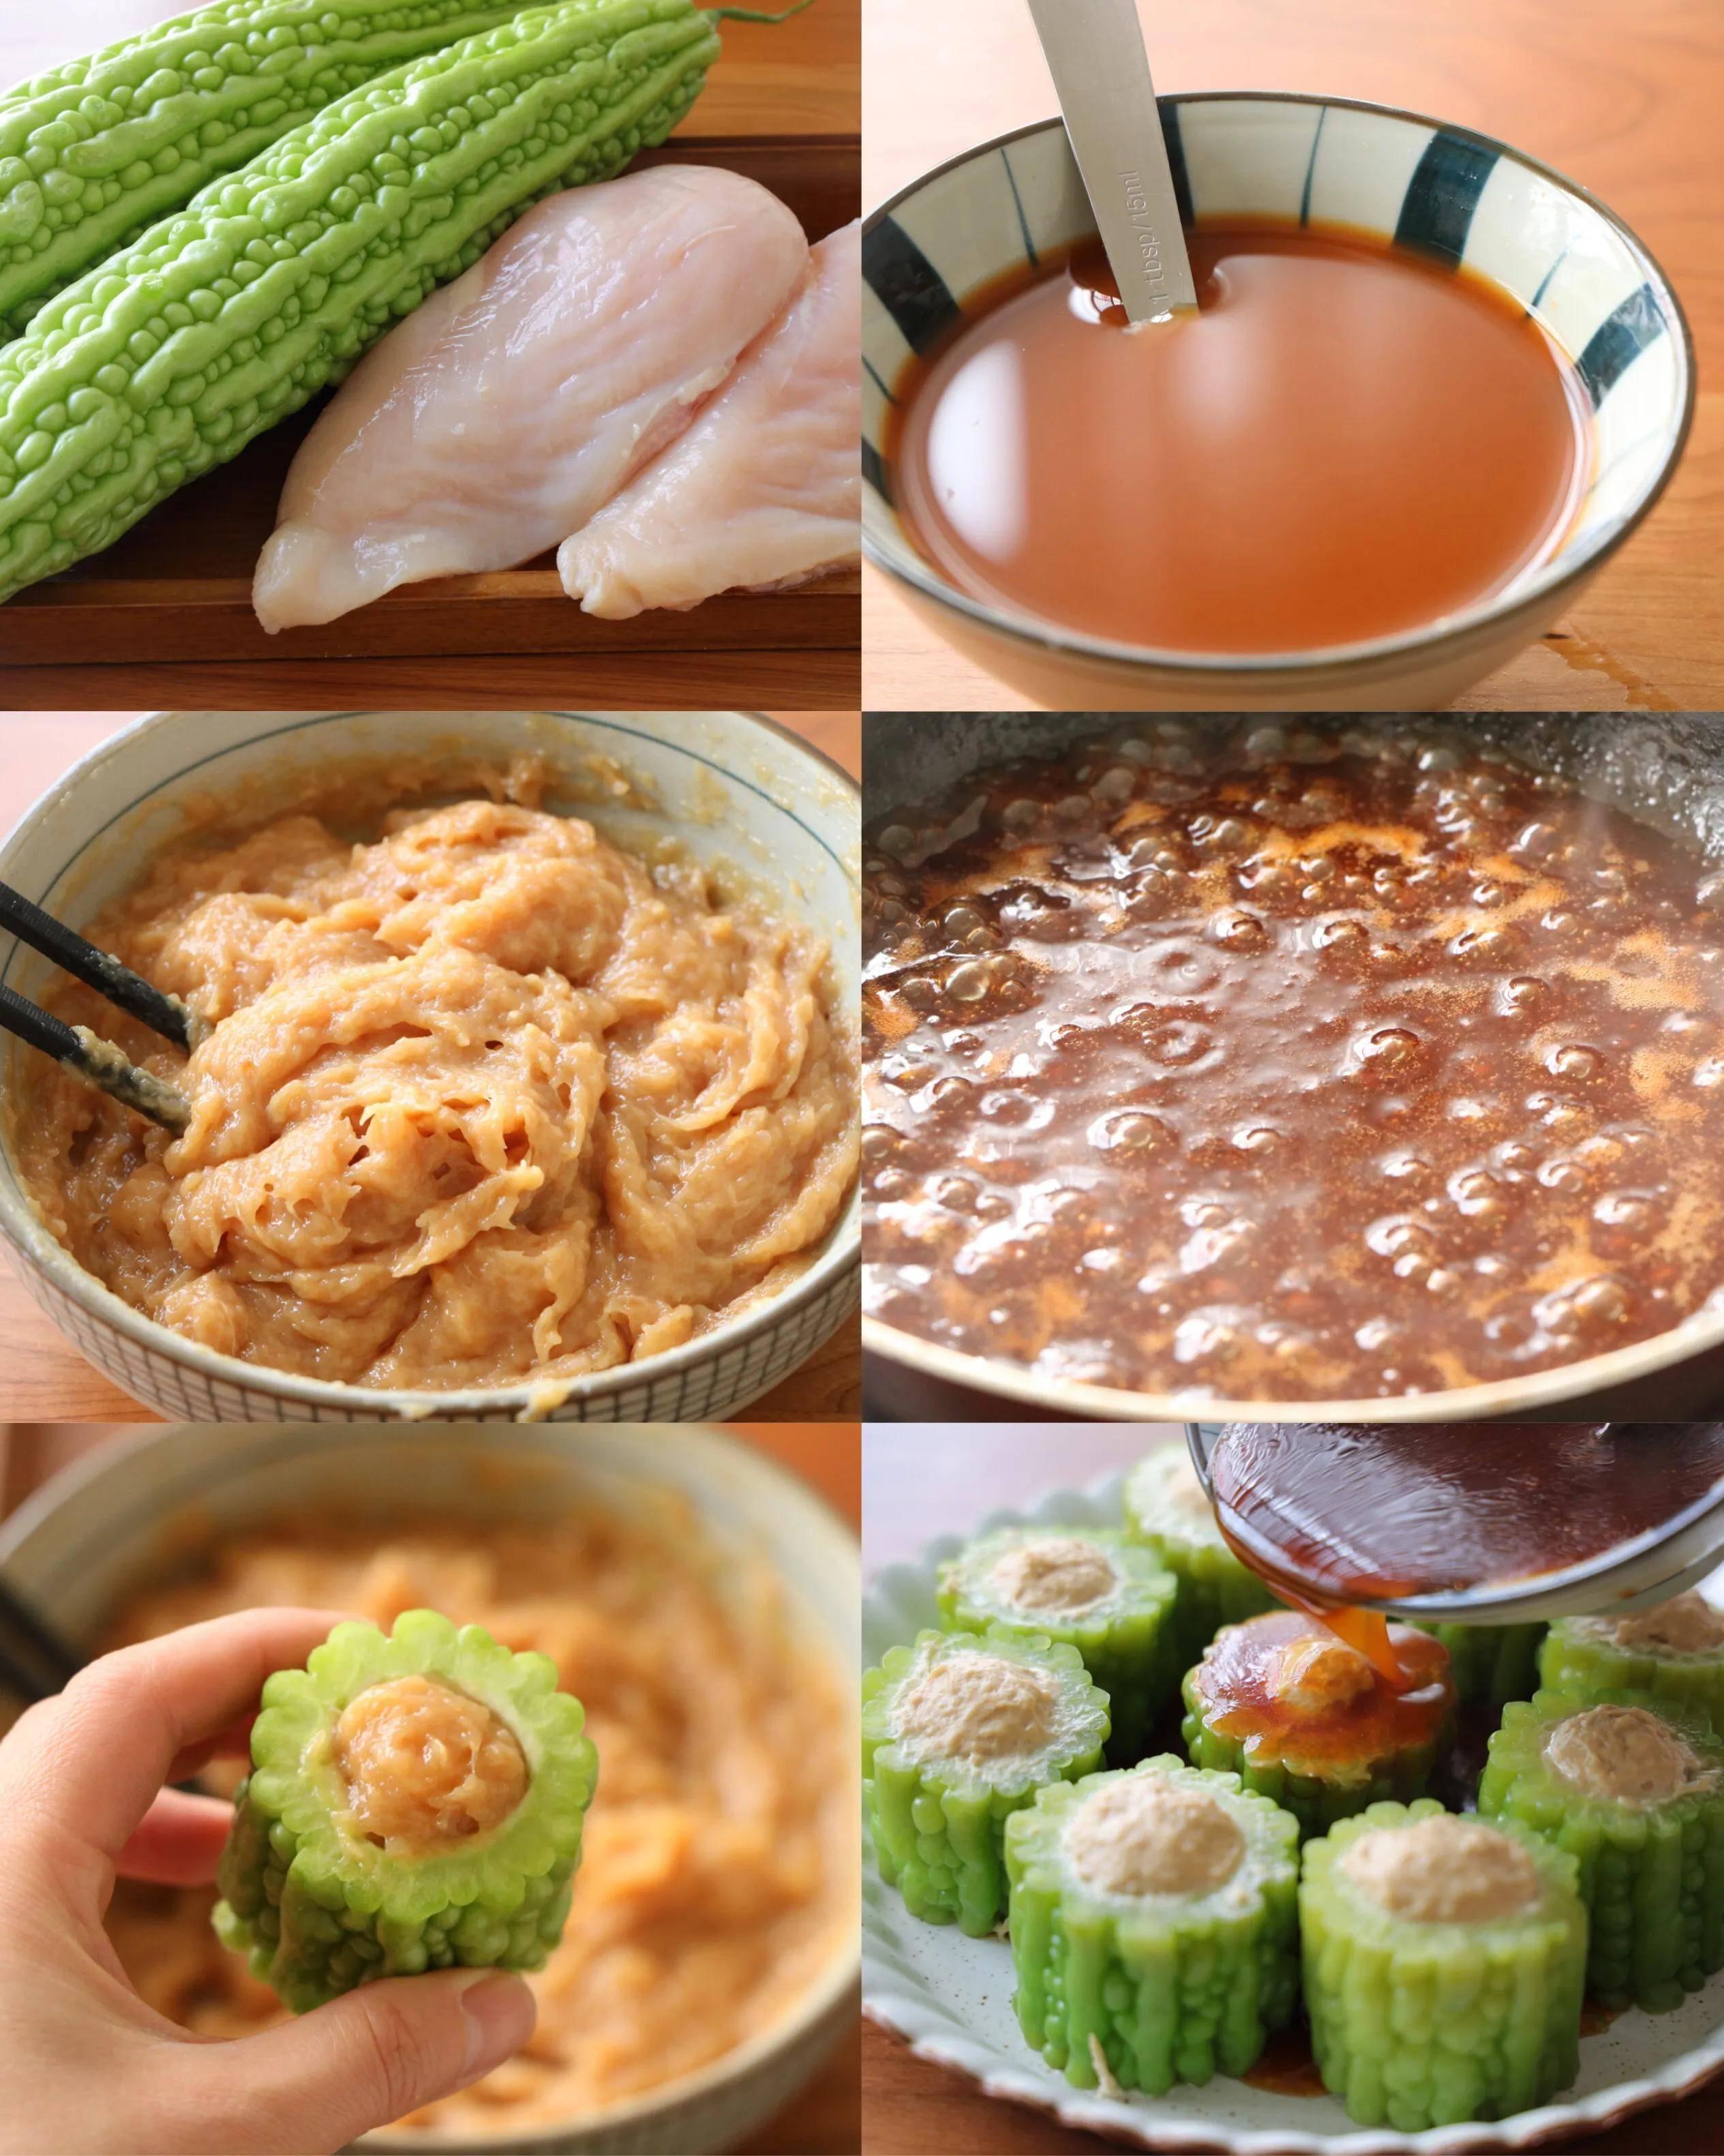 夏天,这5道蒸肉菜不能少,少油少盐,蒸一蒸就搞定,蒸的不上火